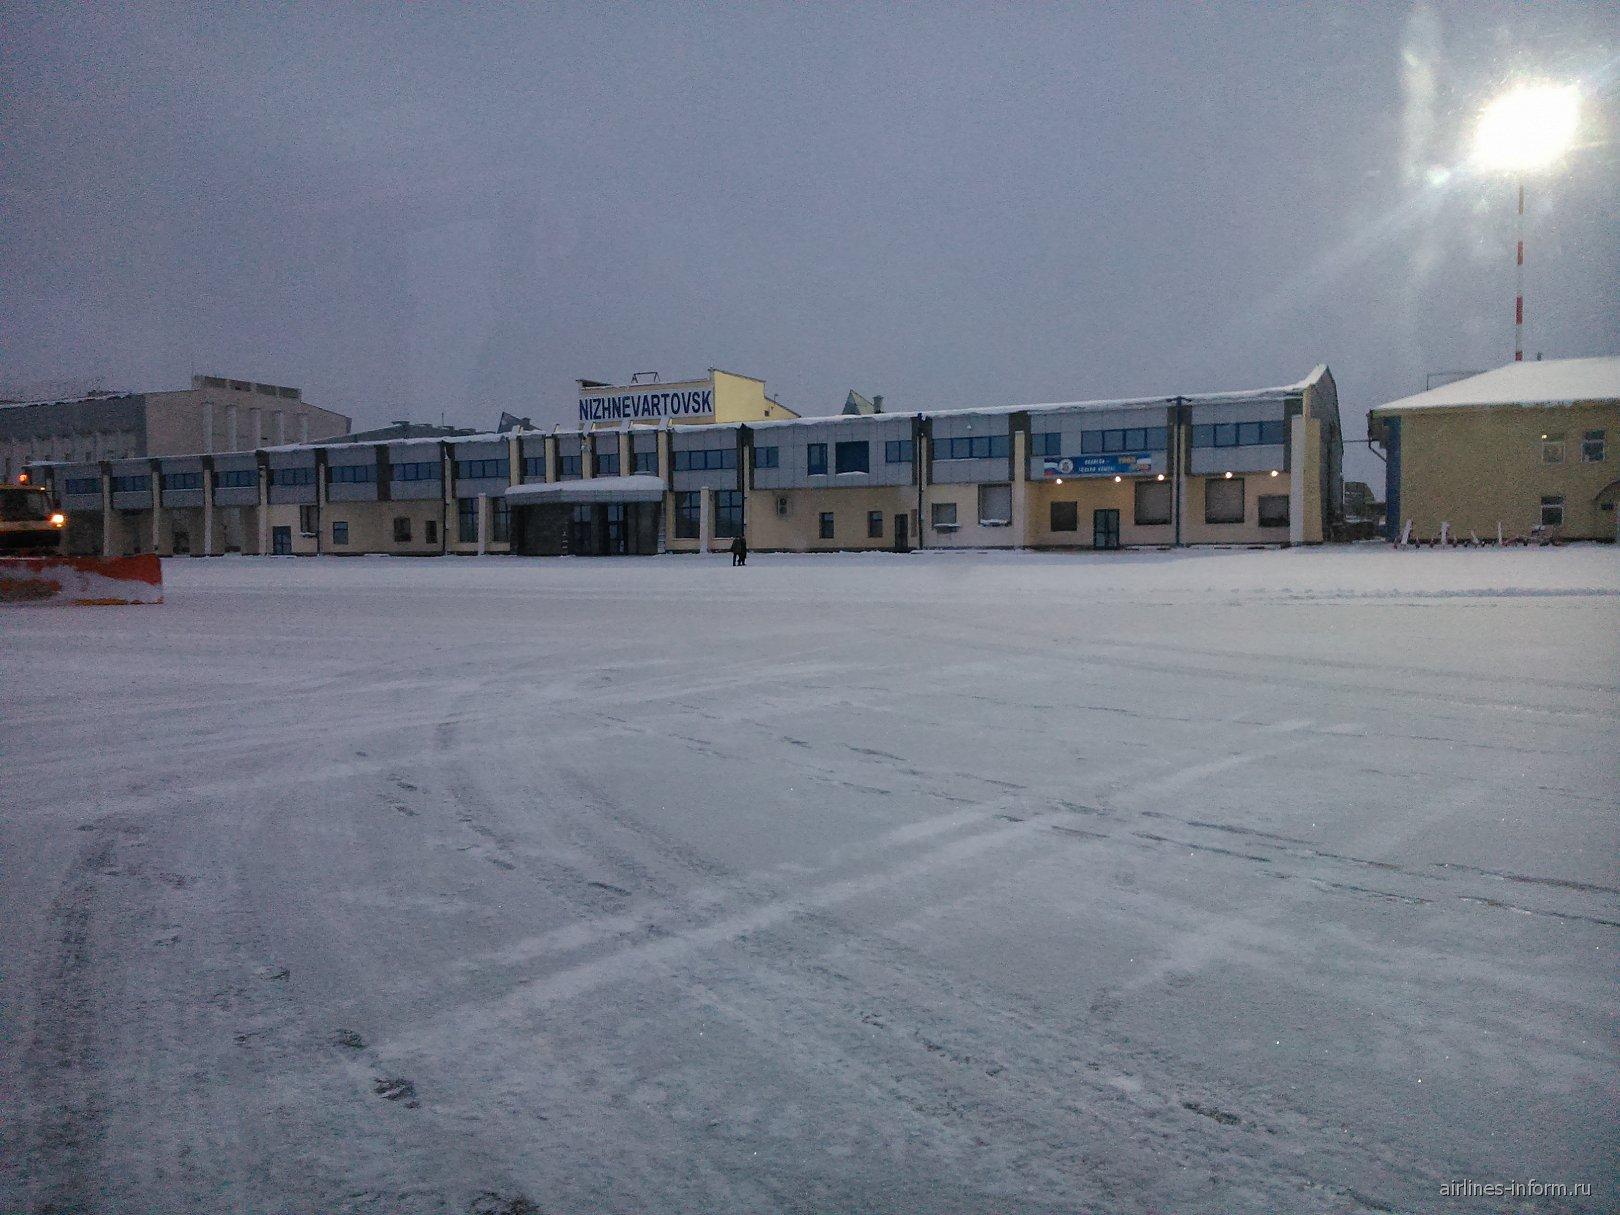 Международный терминал аэропорта Нижневартовск